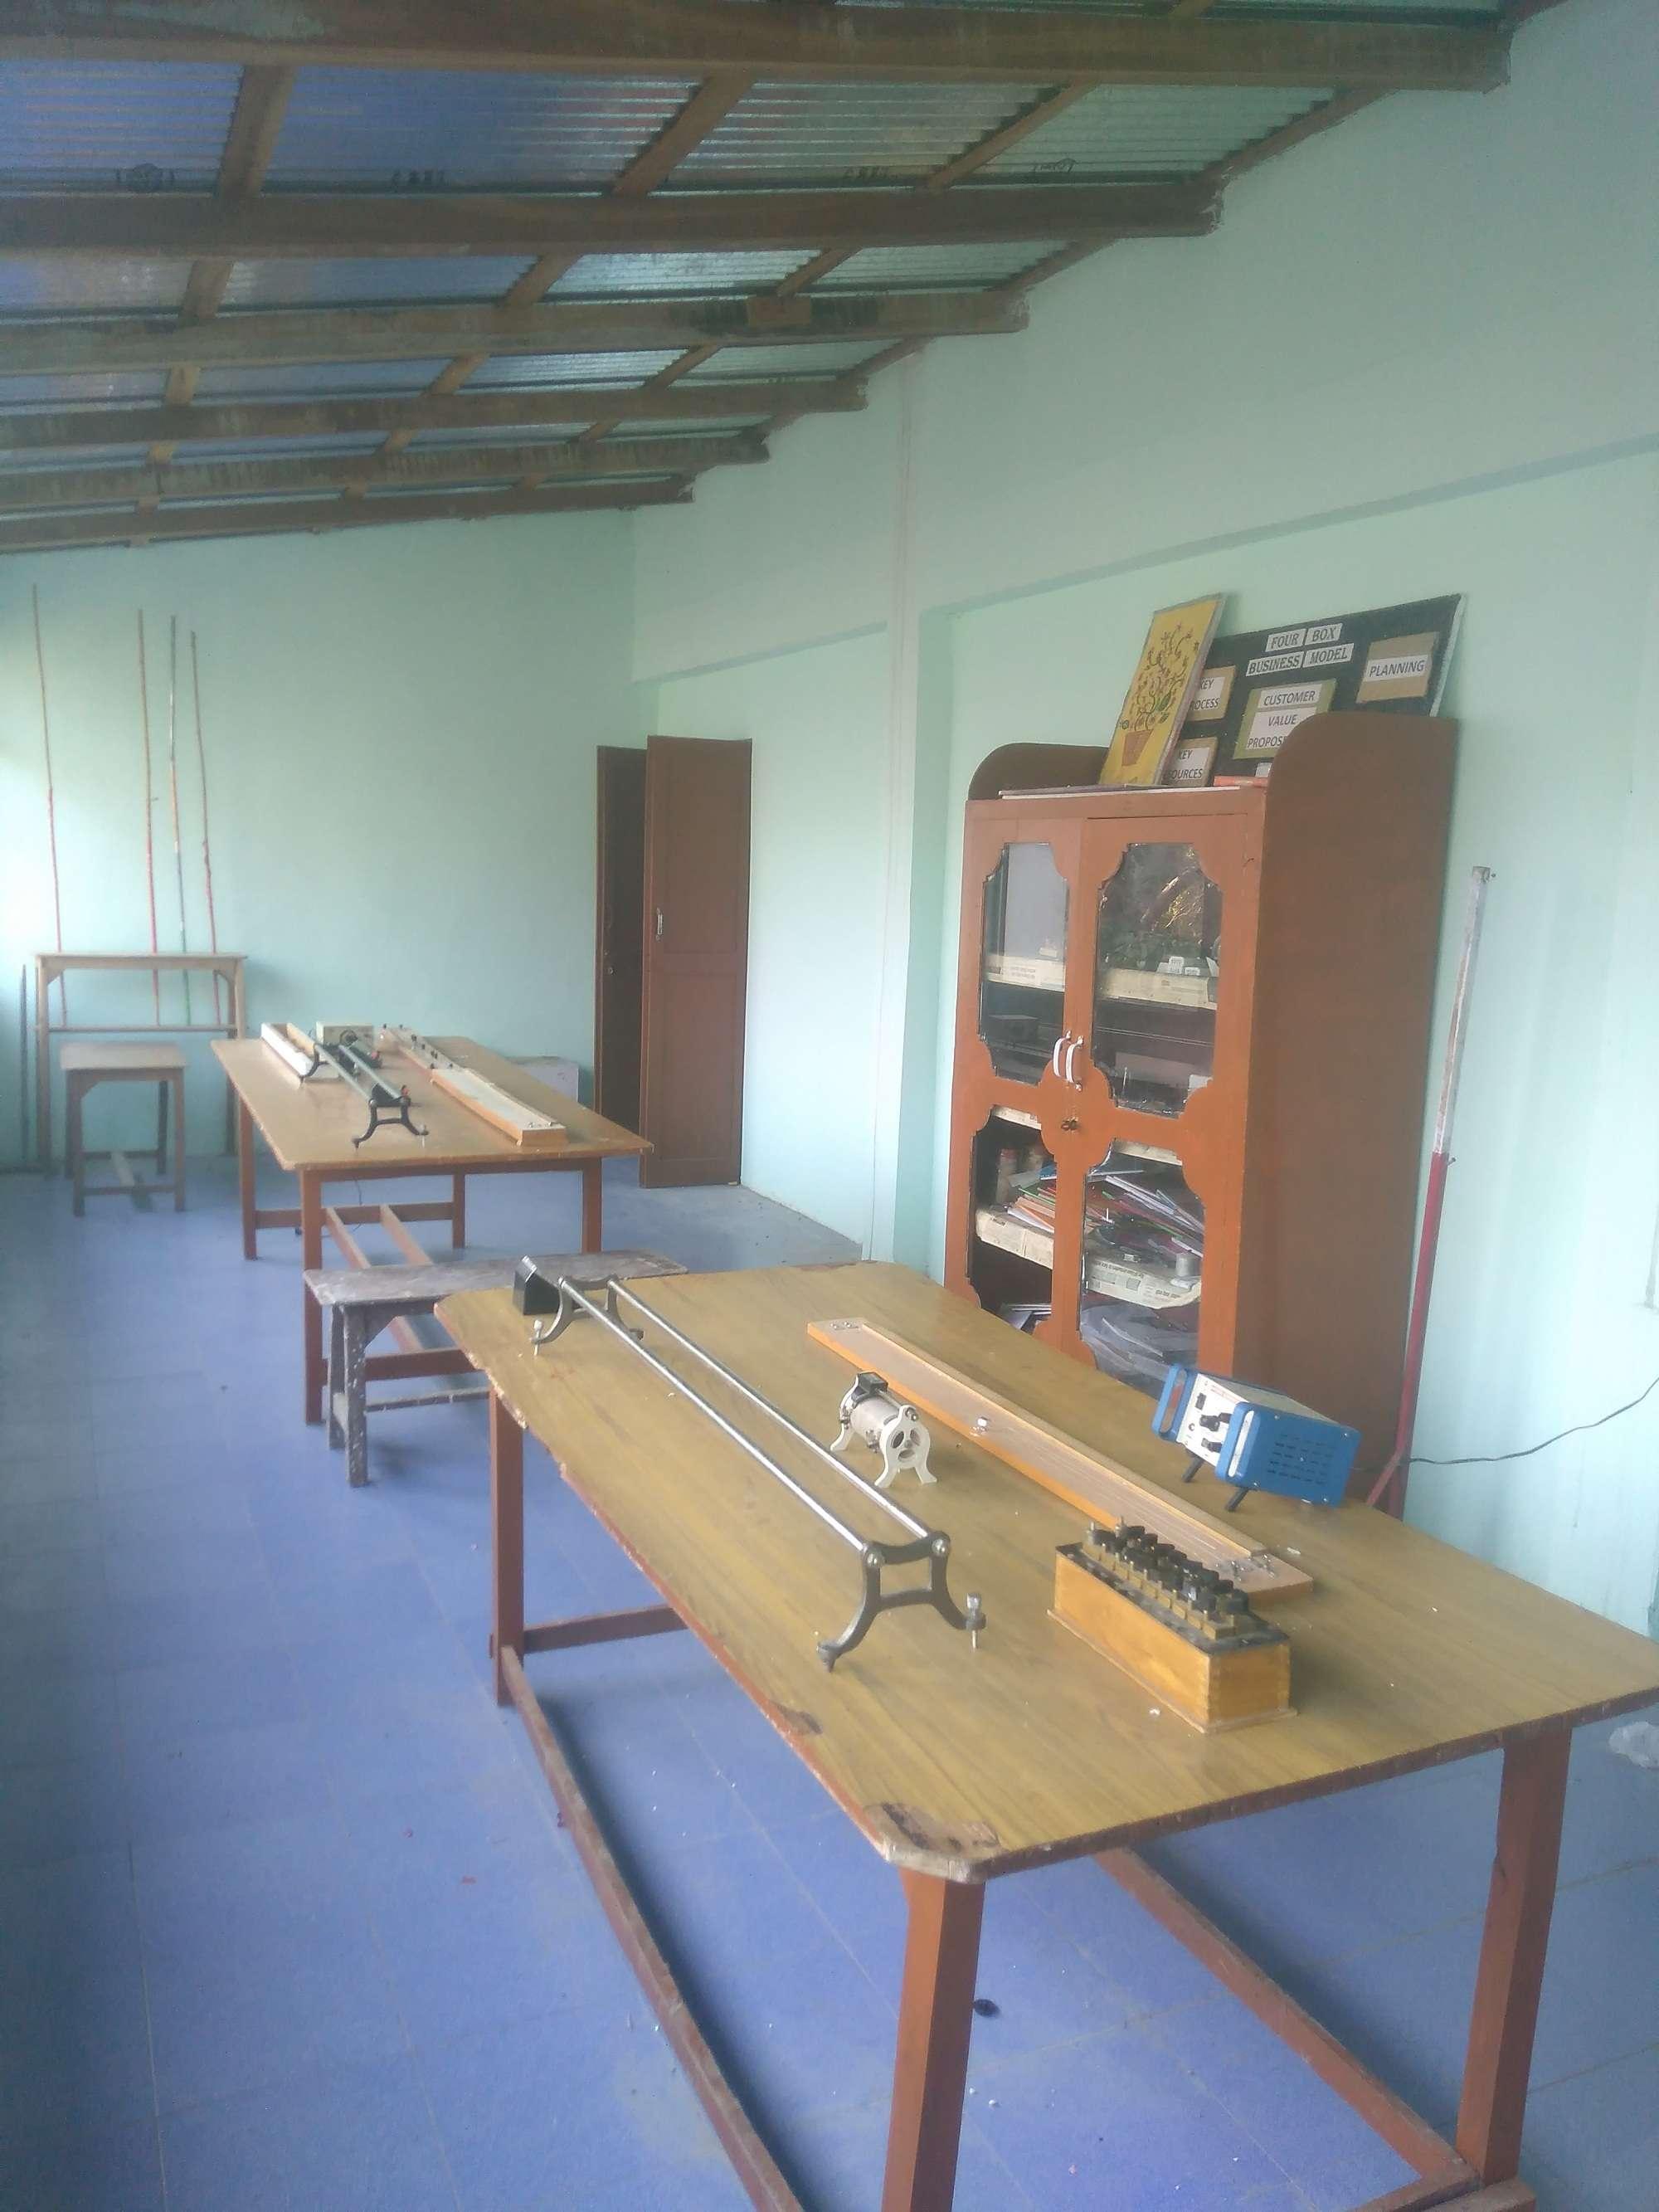 SIDDHARTH PUBLIC SCHOOL VILLAGE DOGAON PO BHOJIAGHAT TEHSIL DISTT NAINITAL UTTARANCHAL 3530158